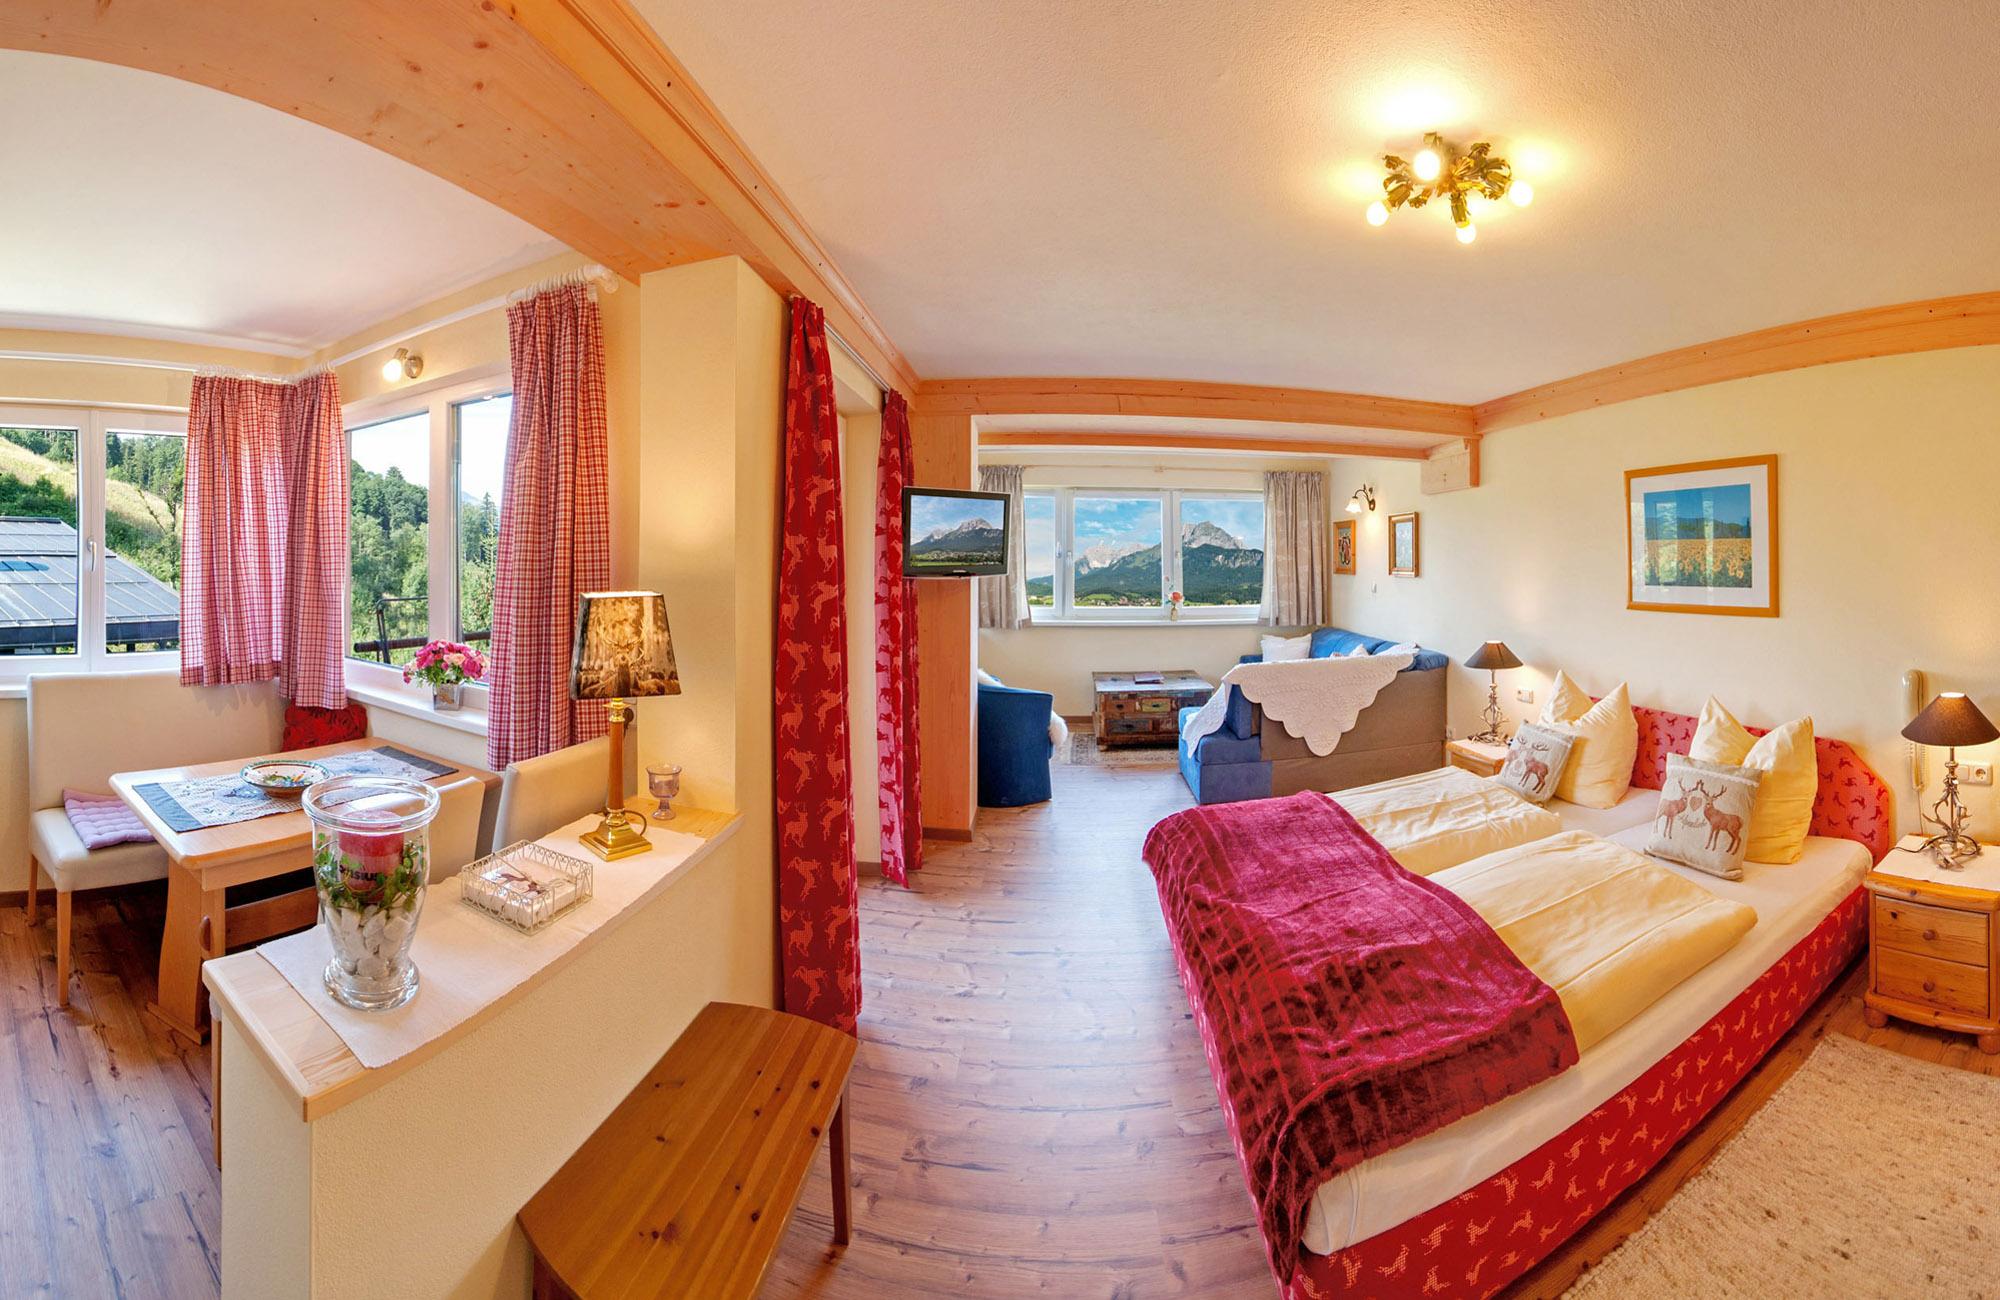 Preiswerte Ferienwohnungen in St. Johann in Tirol mit Ausblick zum Wilder Kaiser und Süd Balkon 3